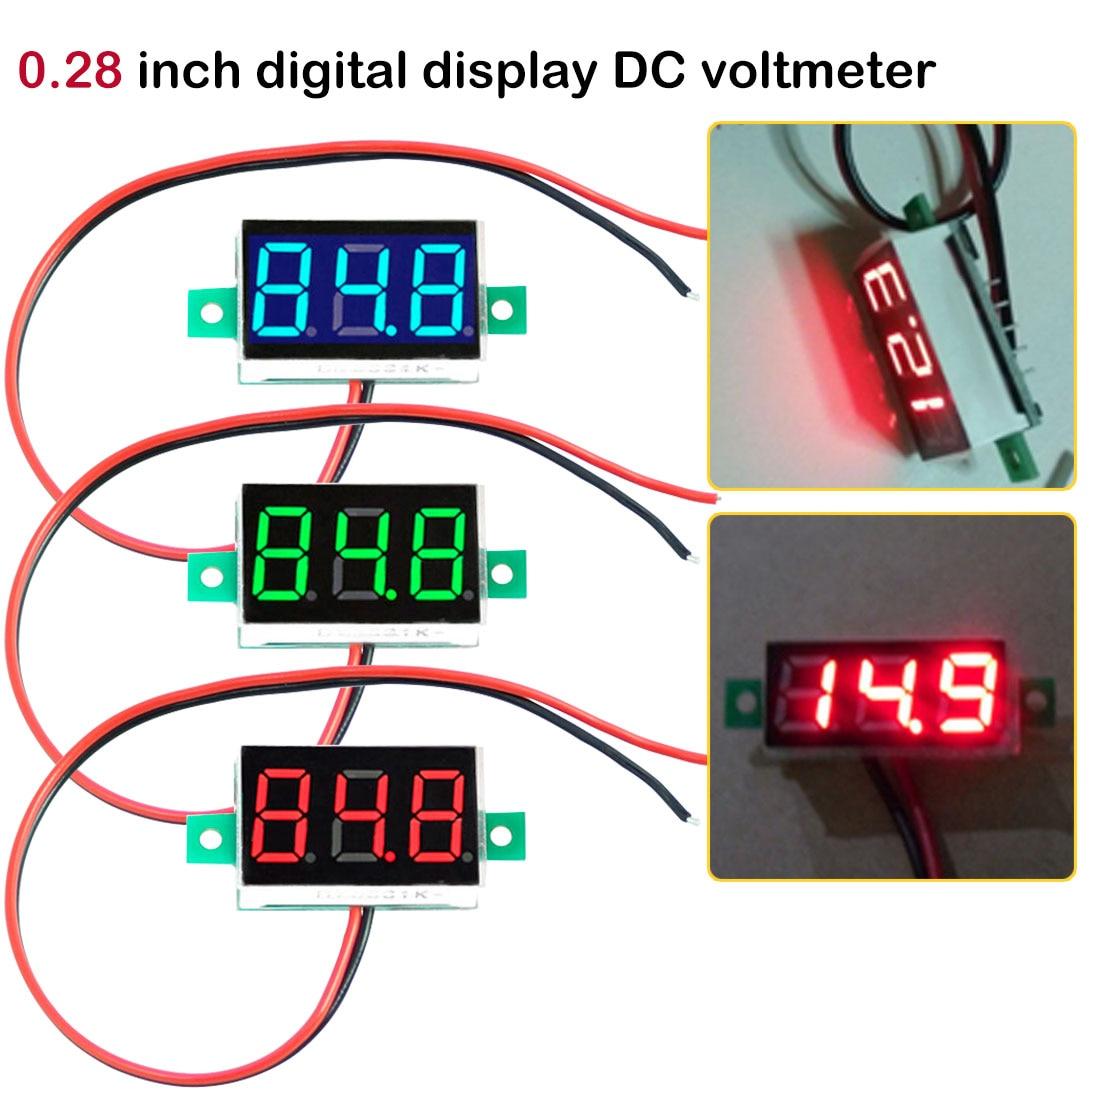 2.5V-30V Pro 0.28 Inch Mini Digital Voltmeter Voltage Tester Meter LED Screen Electronic Parts Accessories Digital Voltmeter